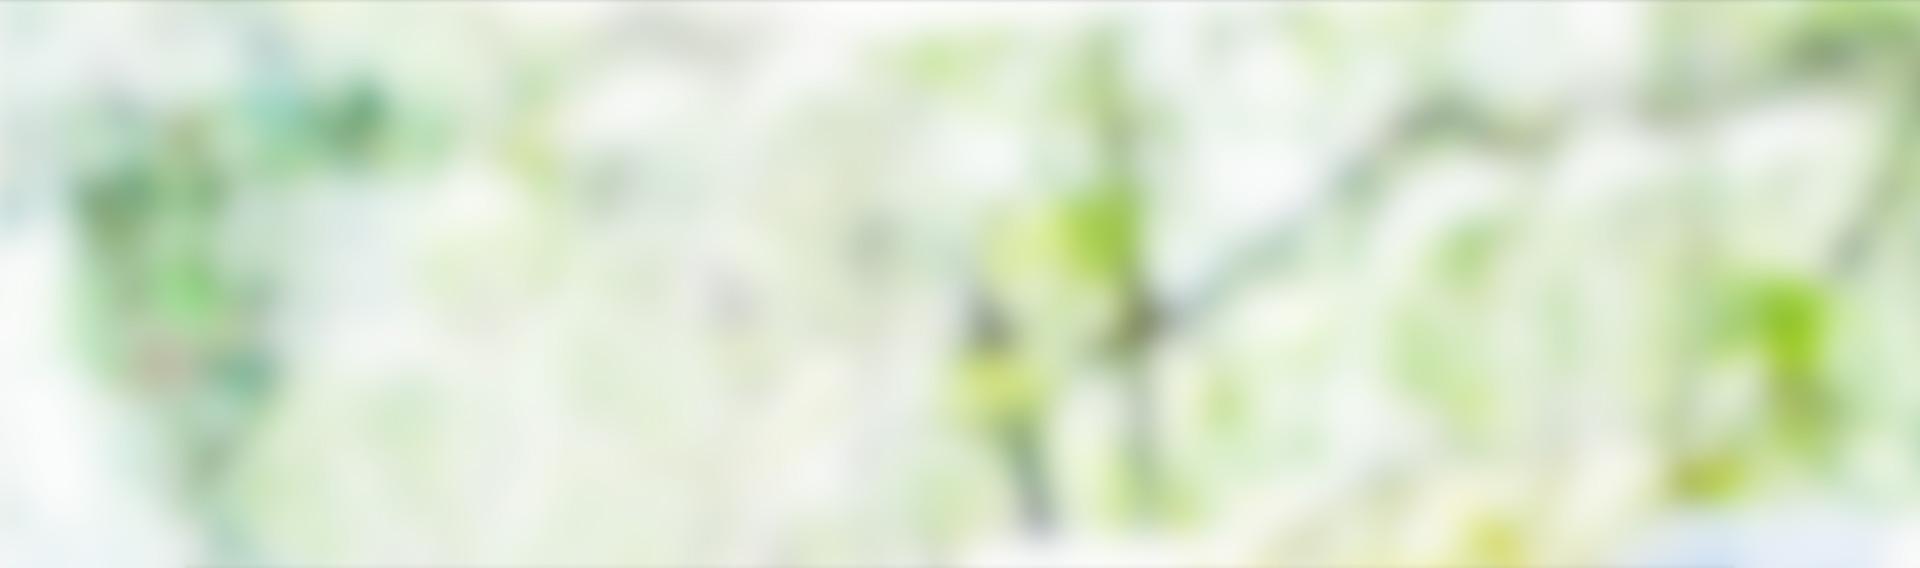 gr_bgr